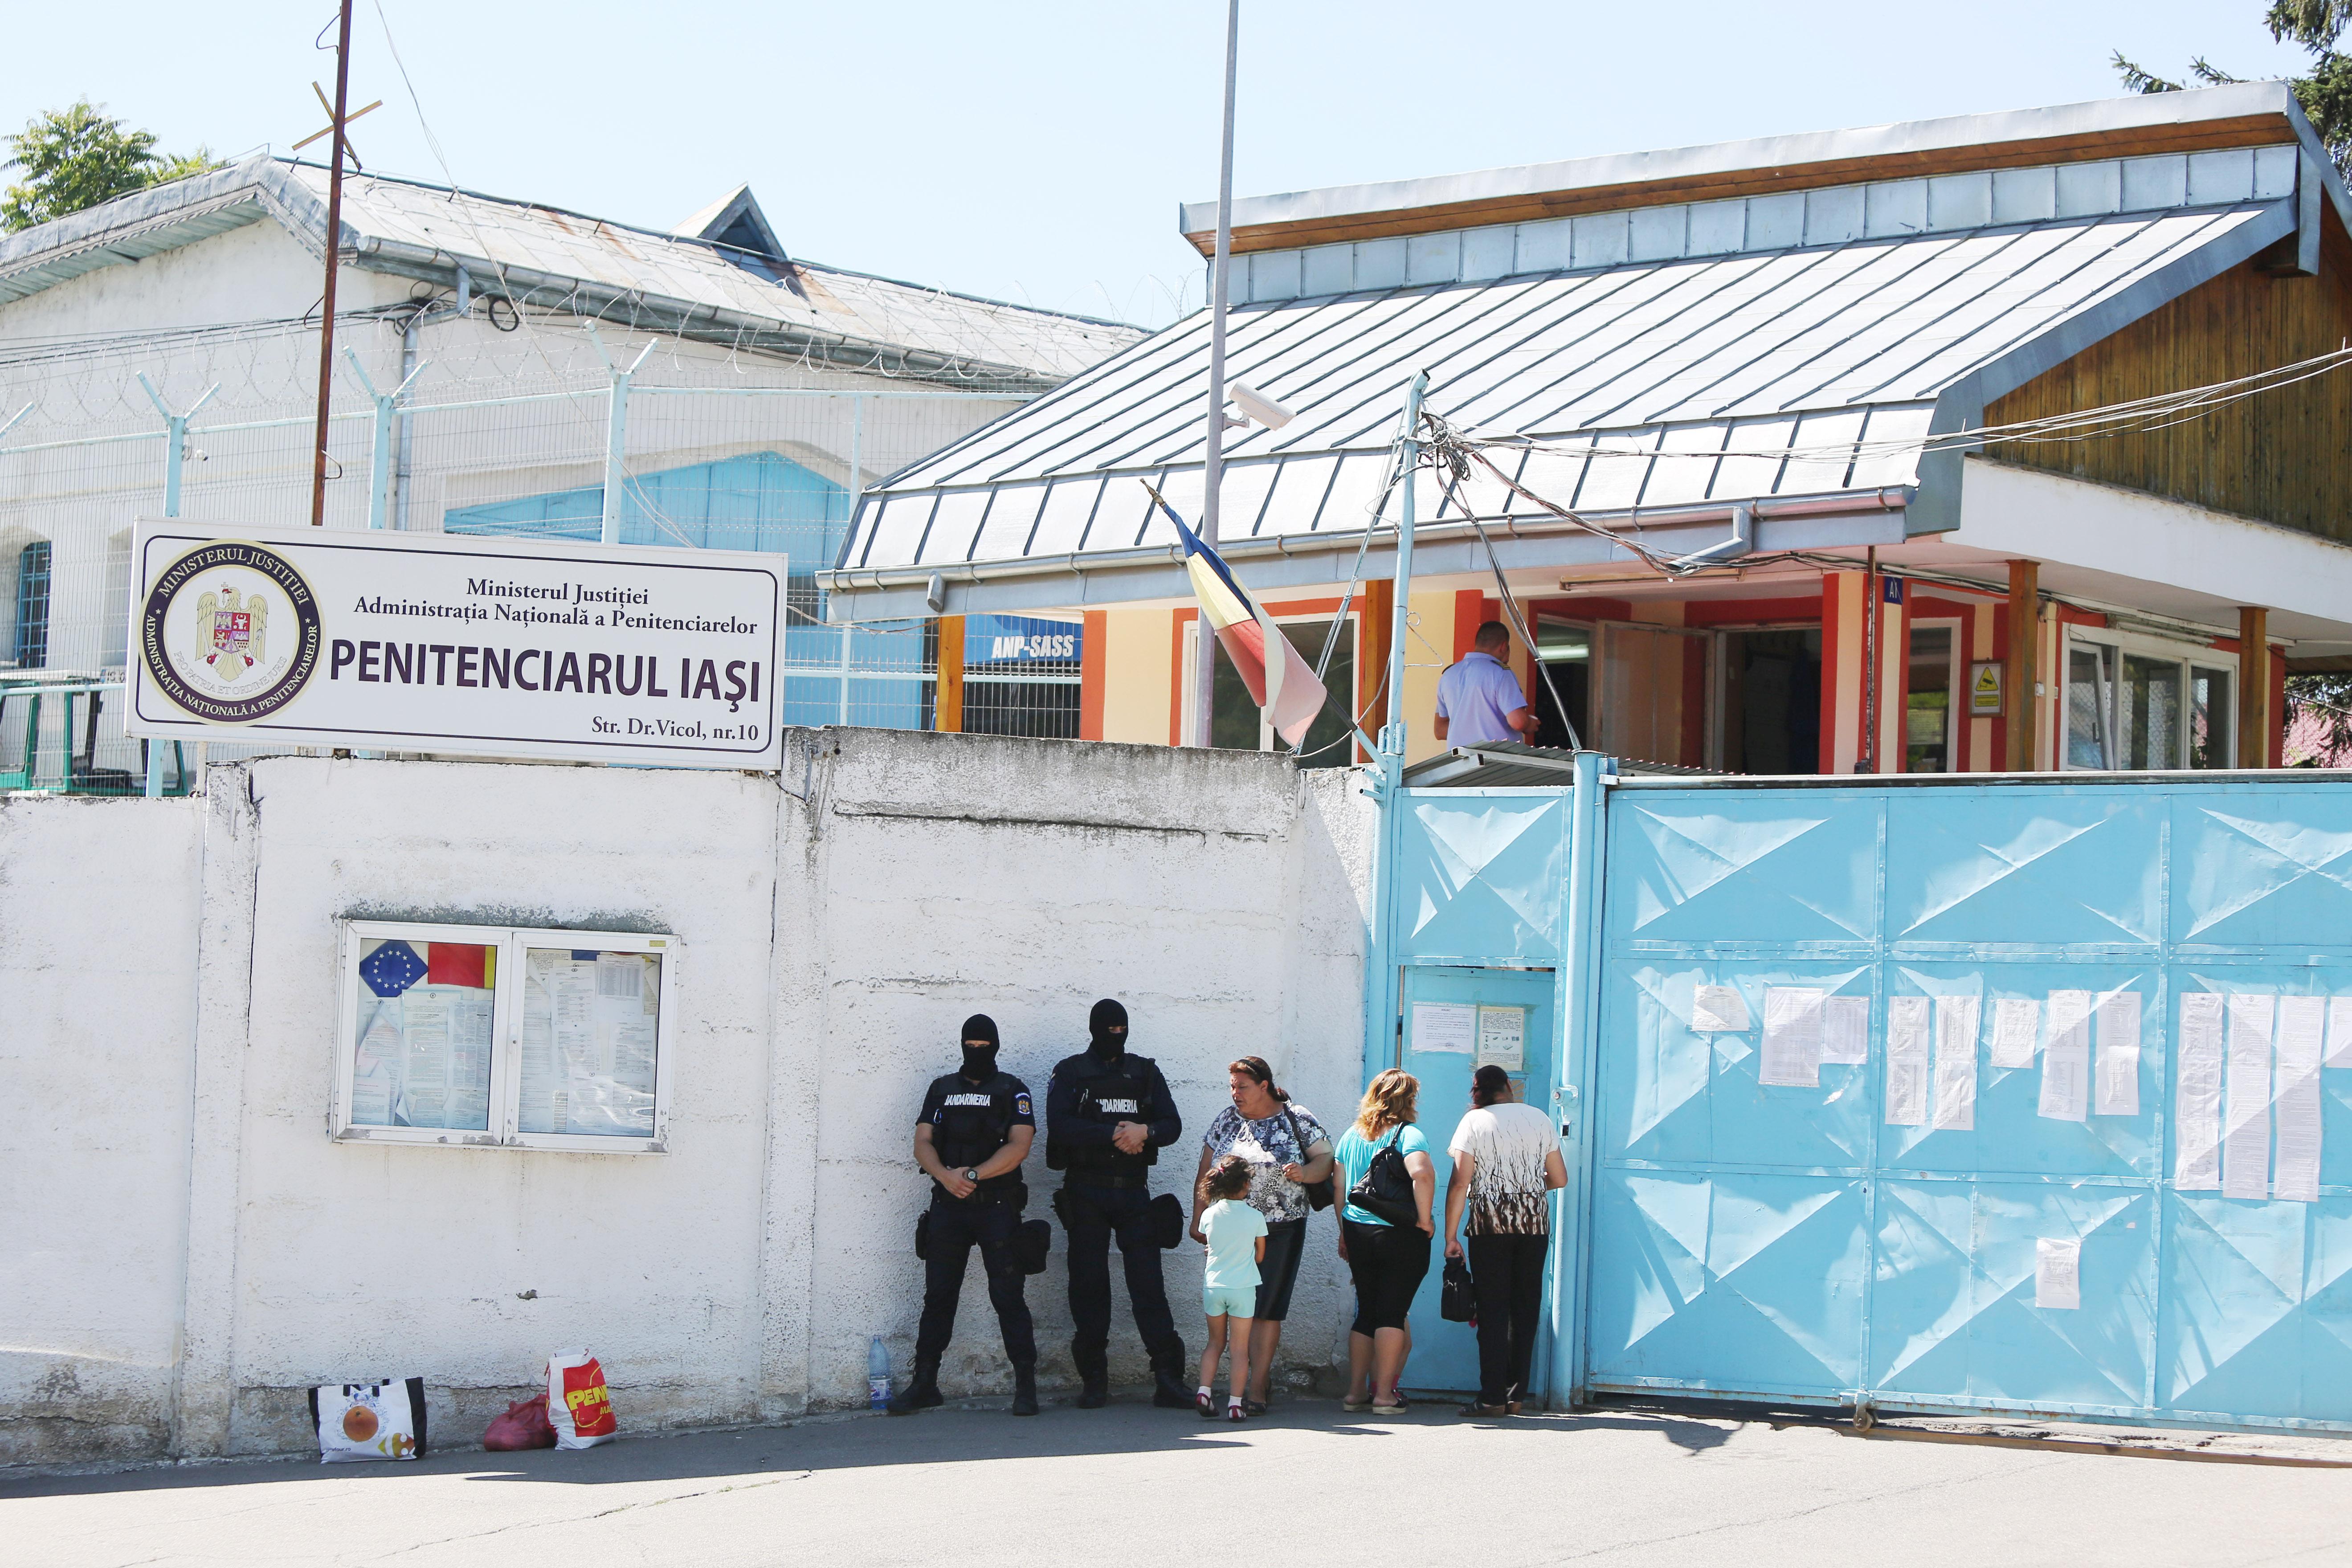 Un deținut a dat în judecată Penitenciarul Iași pentru că nu-i plăcea mâncarea